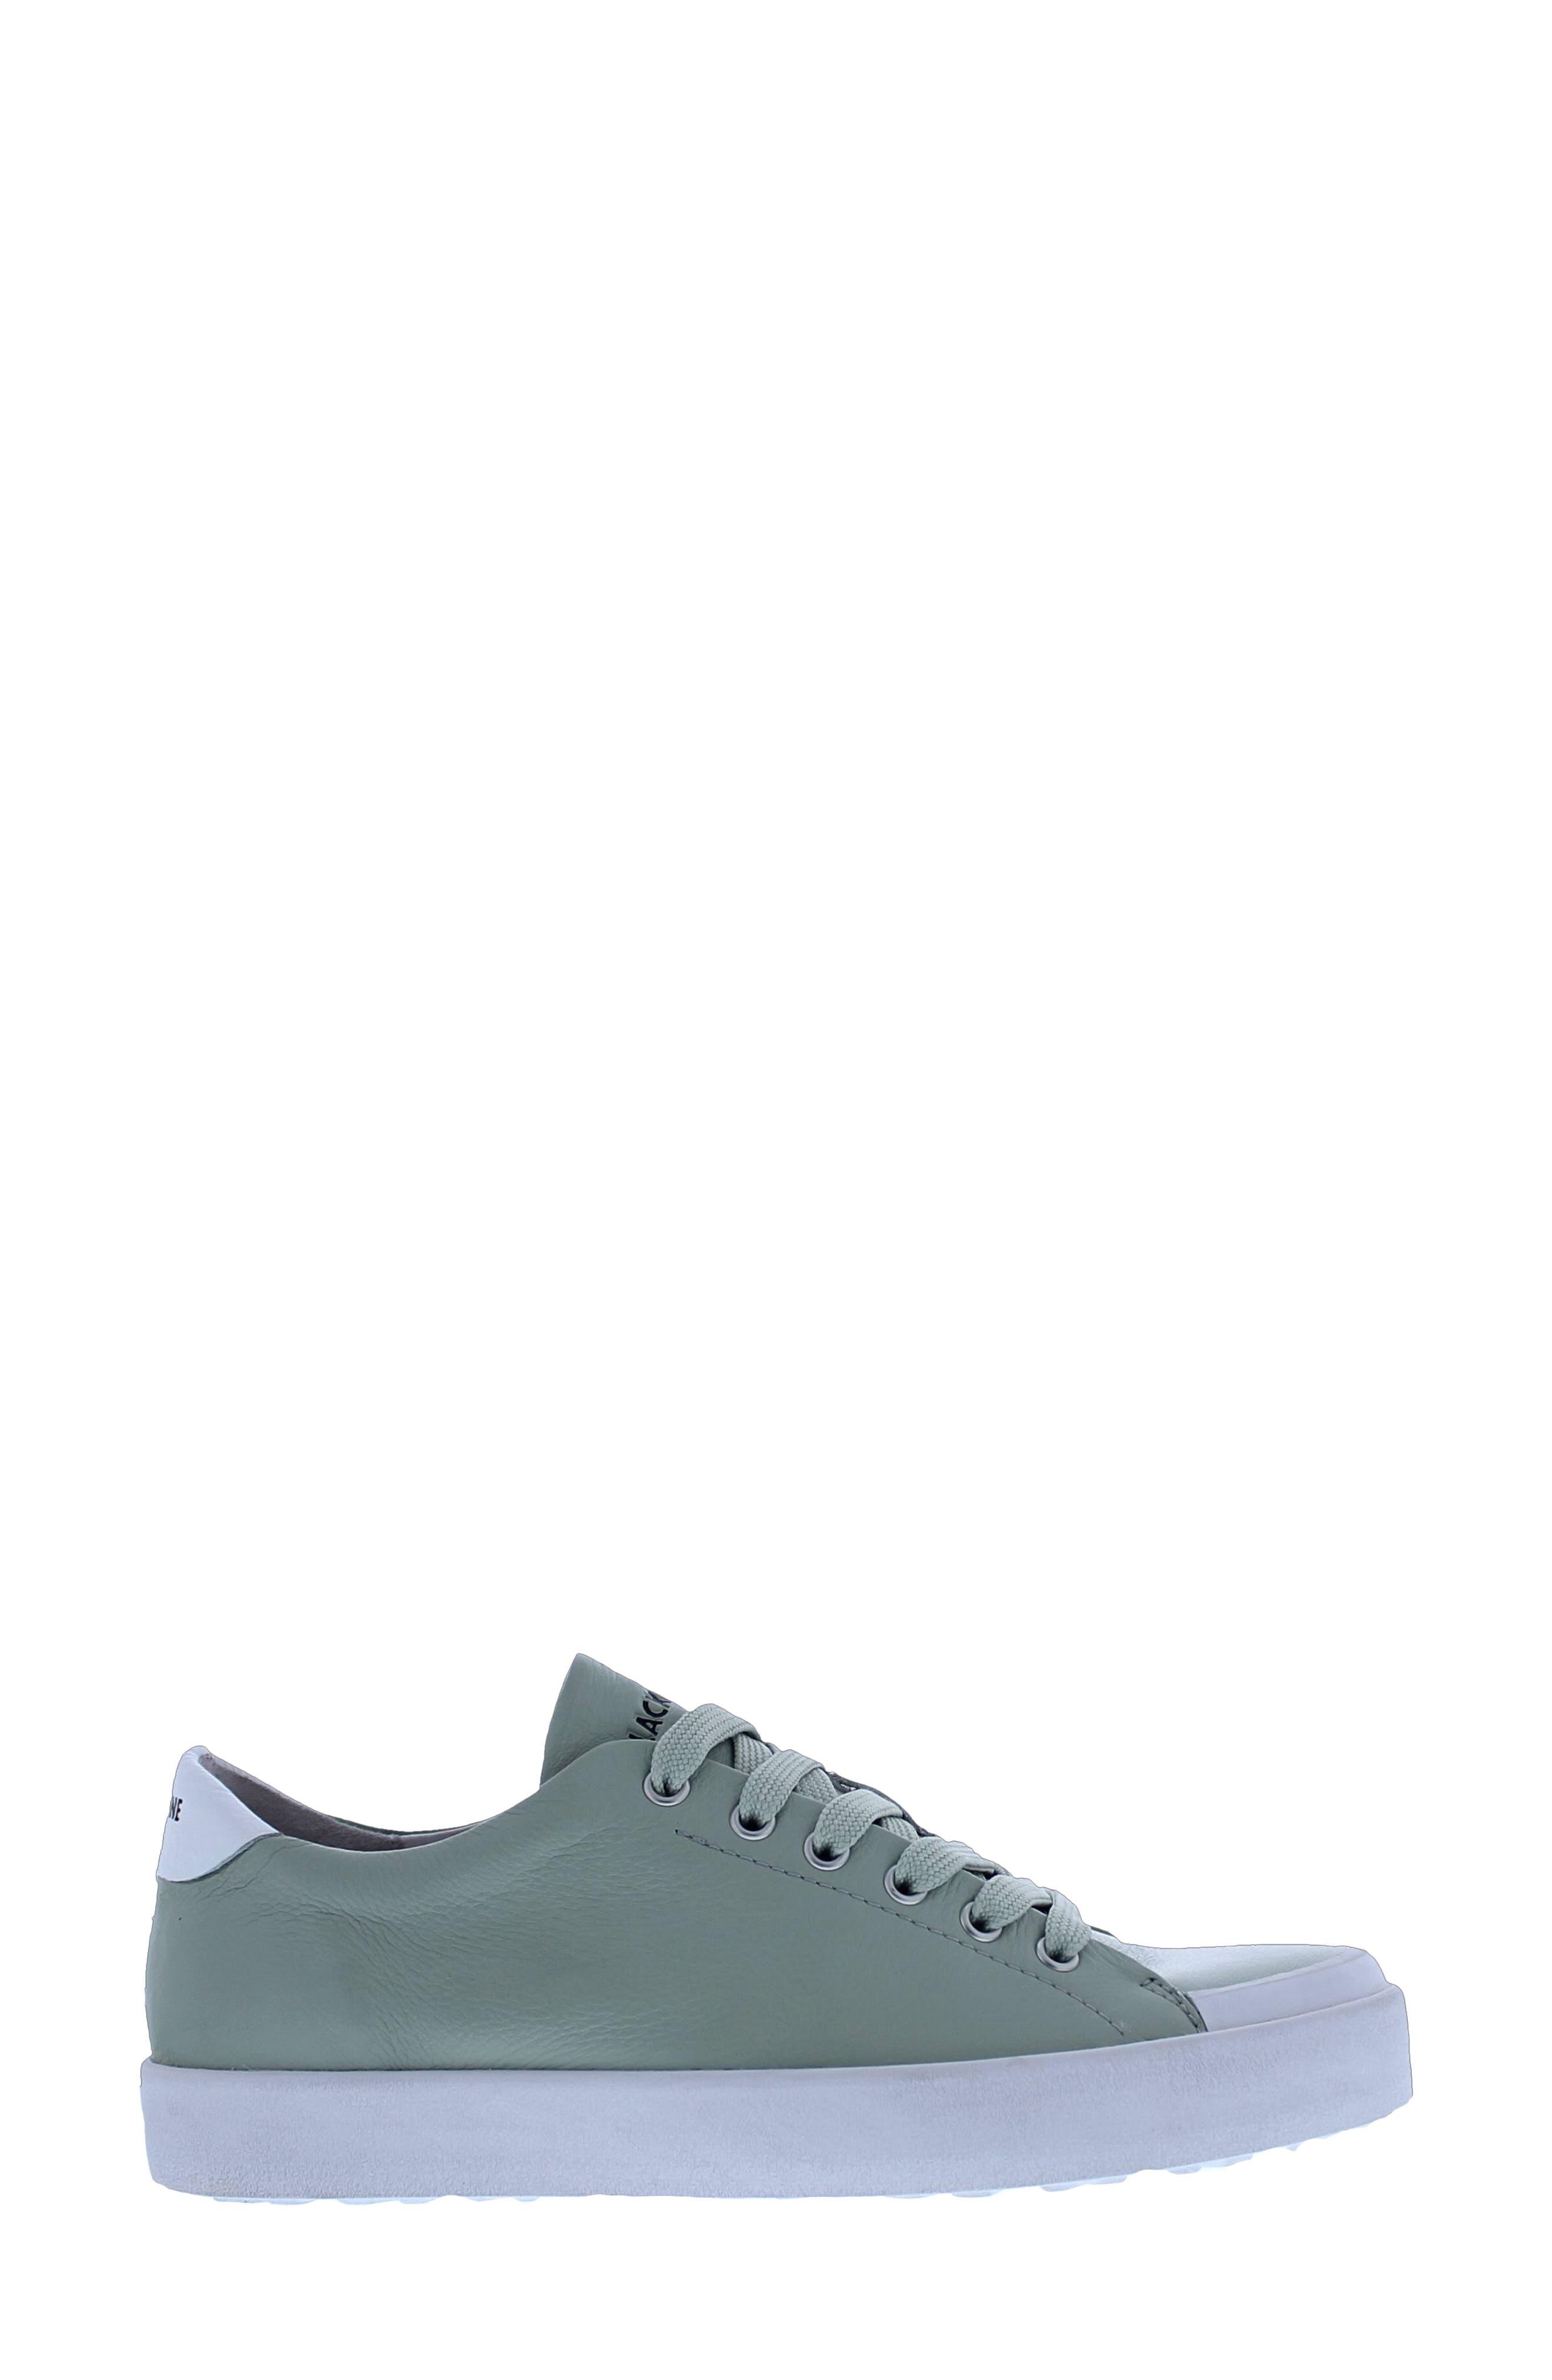 Tw61 Low Top Sneaker